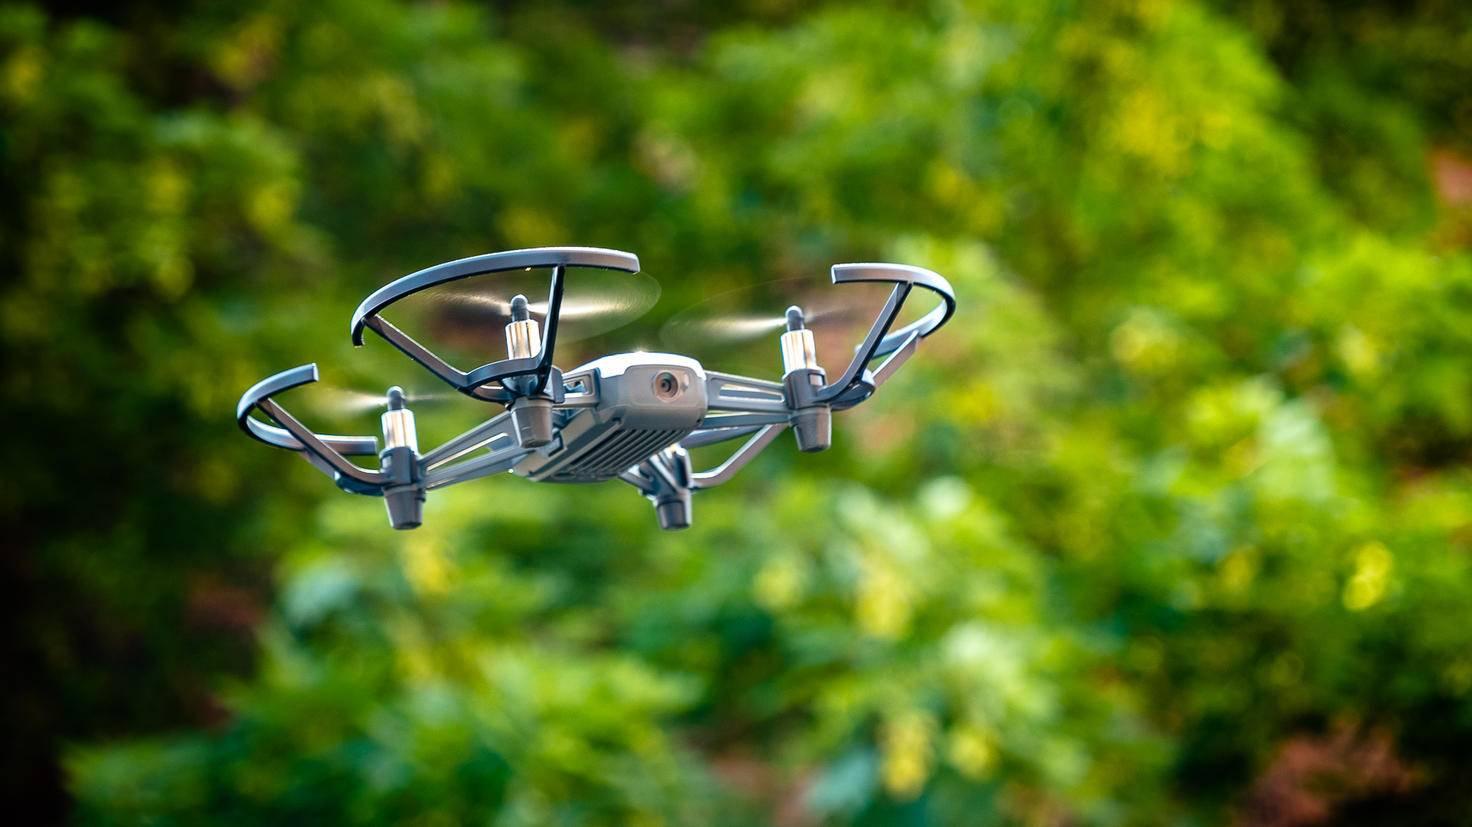 Draußen sollte die Drohne allerdings nur bei wenig Wind geflogen werden.